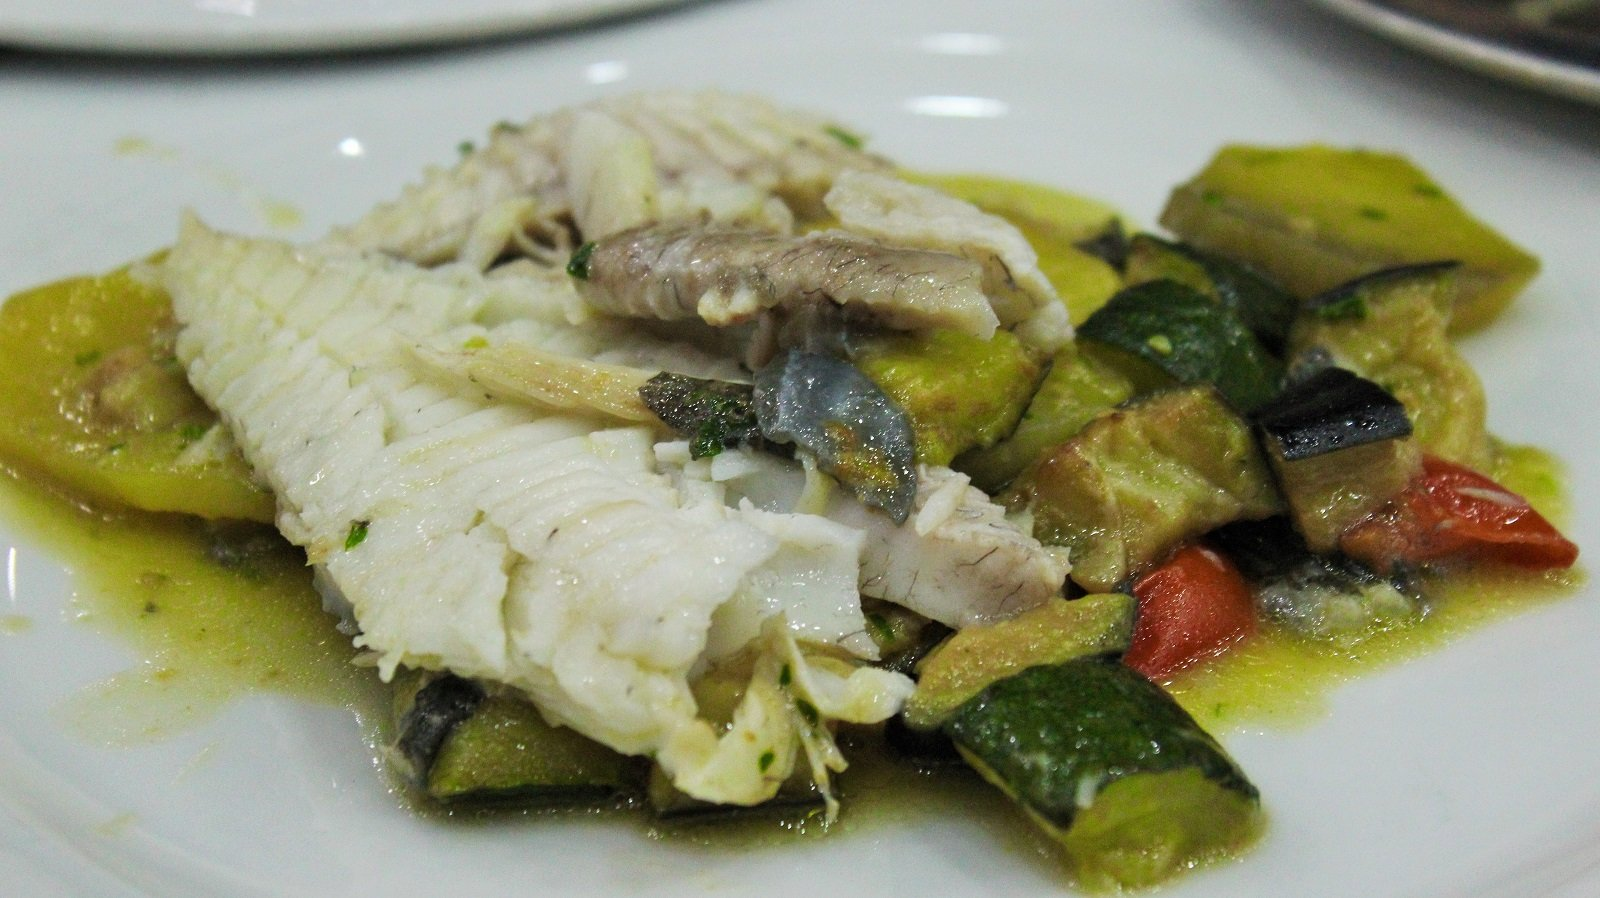 Piatto a base di pesce presso Riccio Pizza e Restaurant a Santa Maria a Vico (CE)